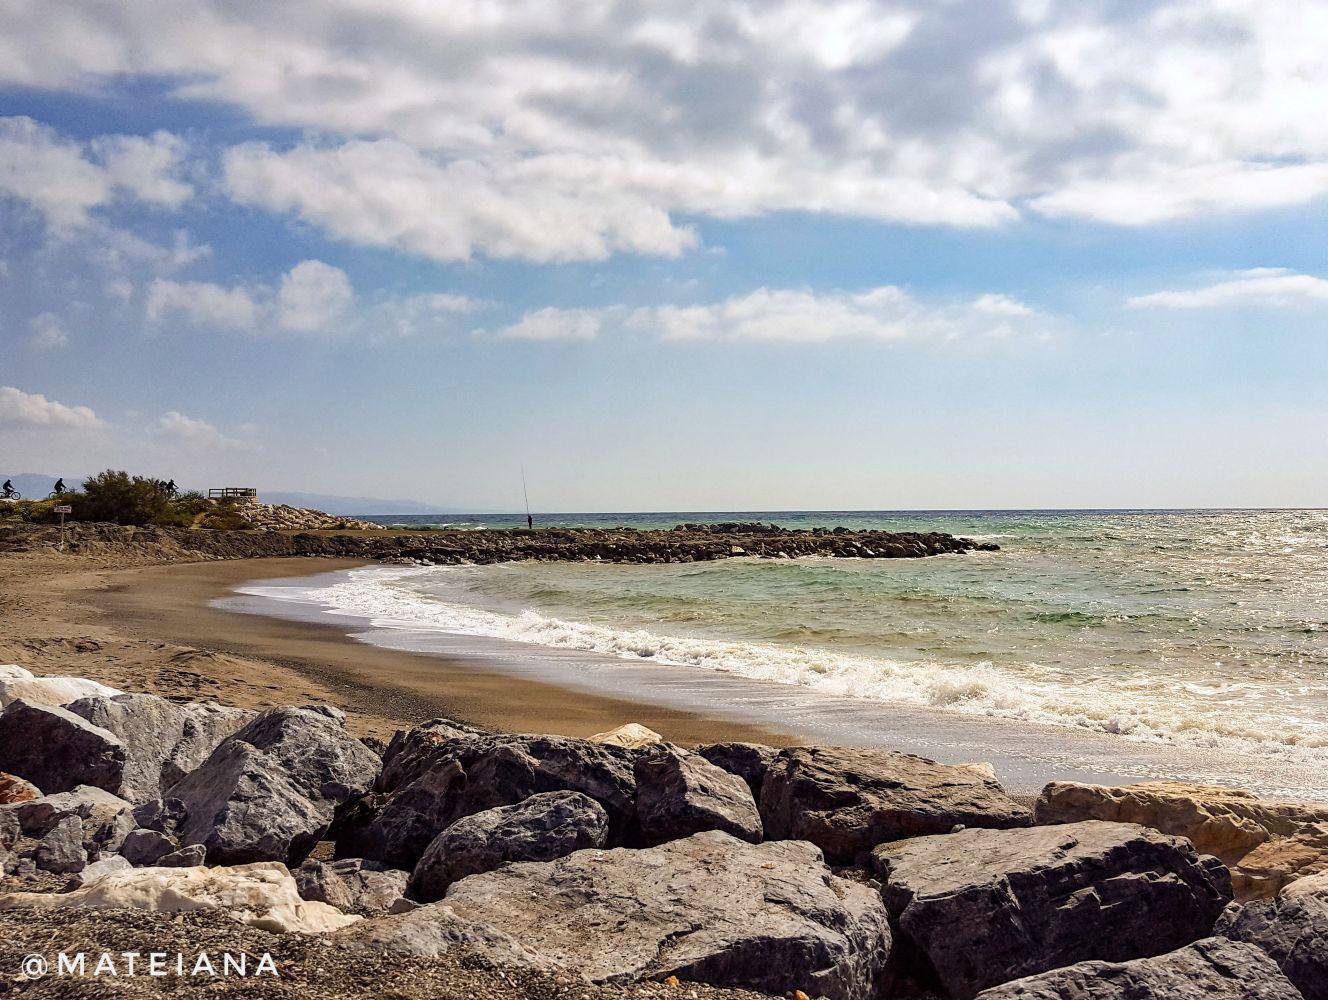 Guadalmar Beach Malaga, Spain